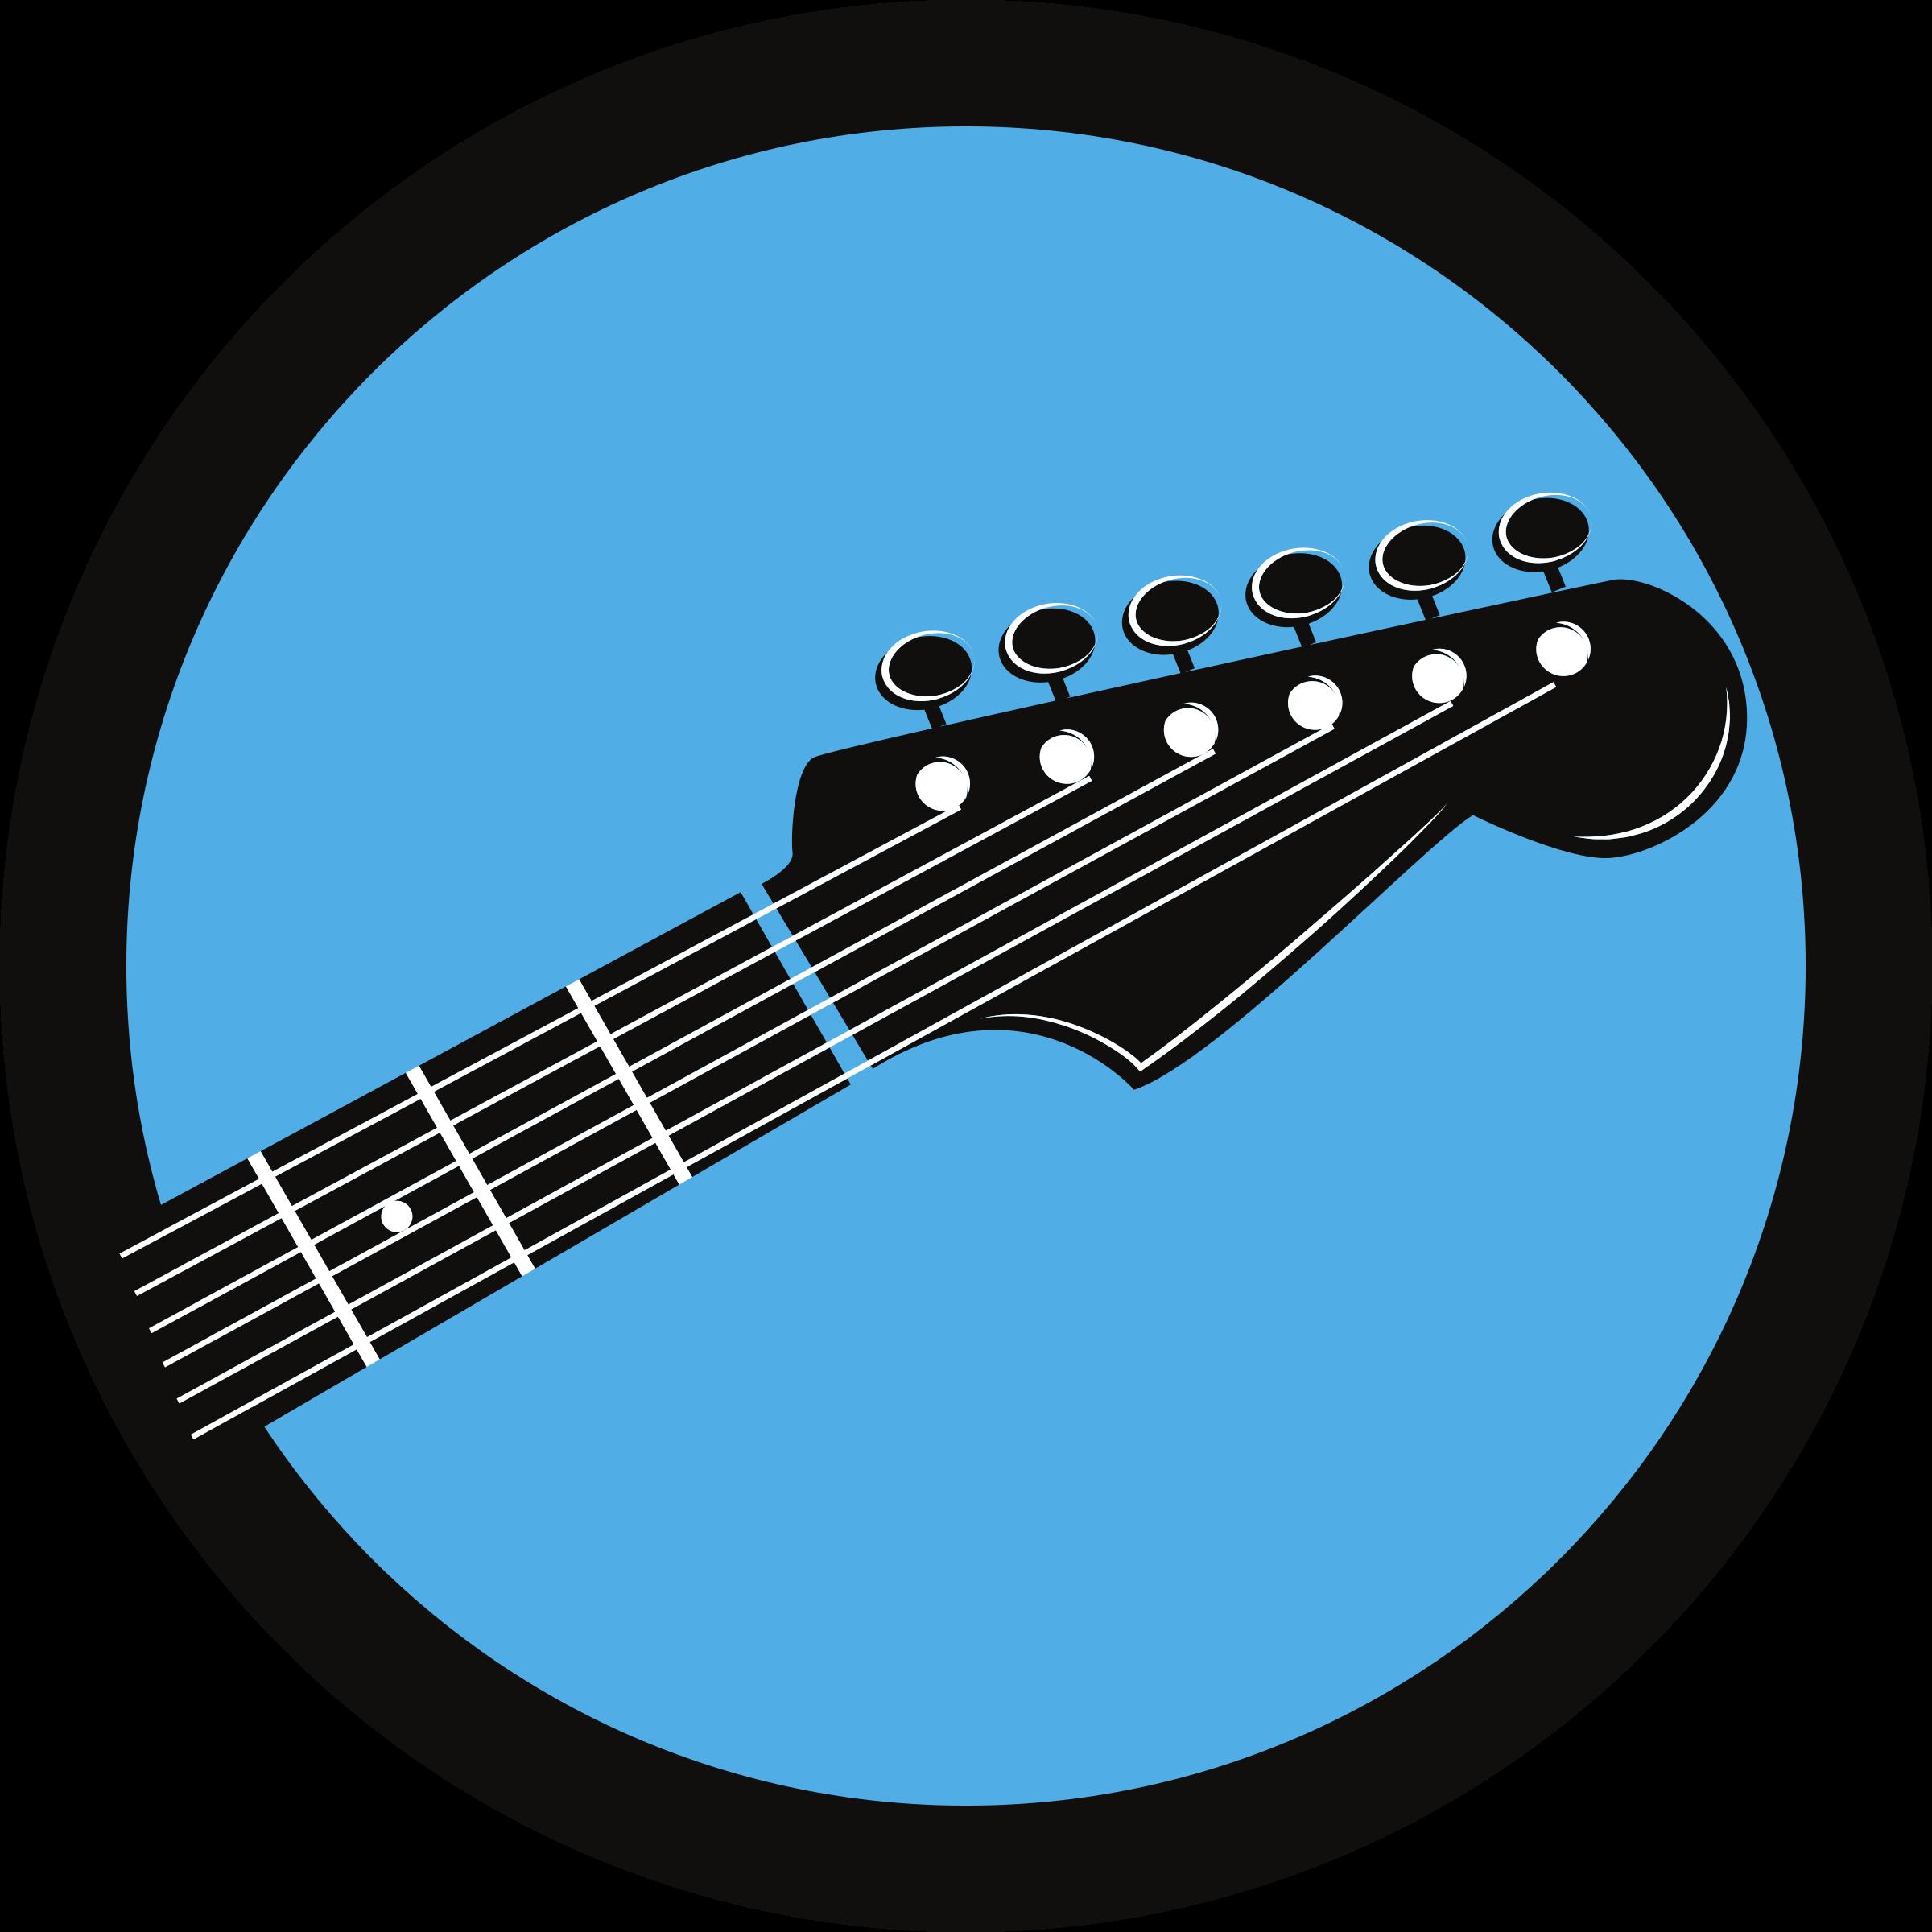 Clipart guitar symbol. Circle big image png